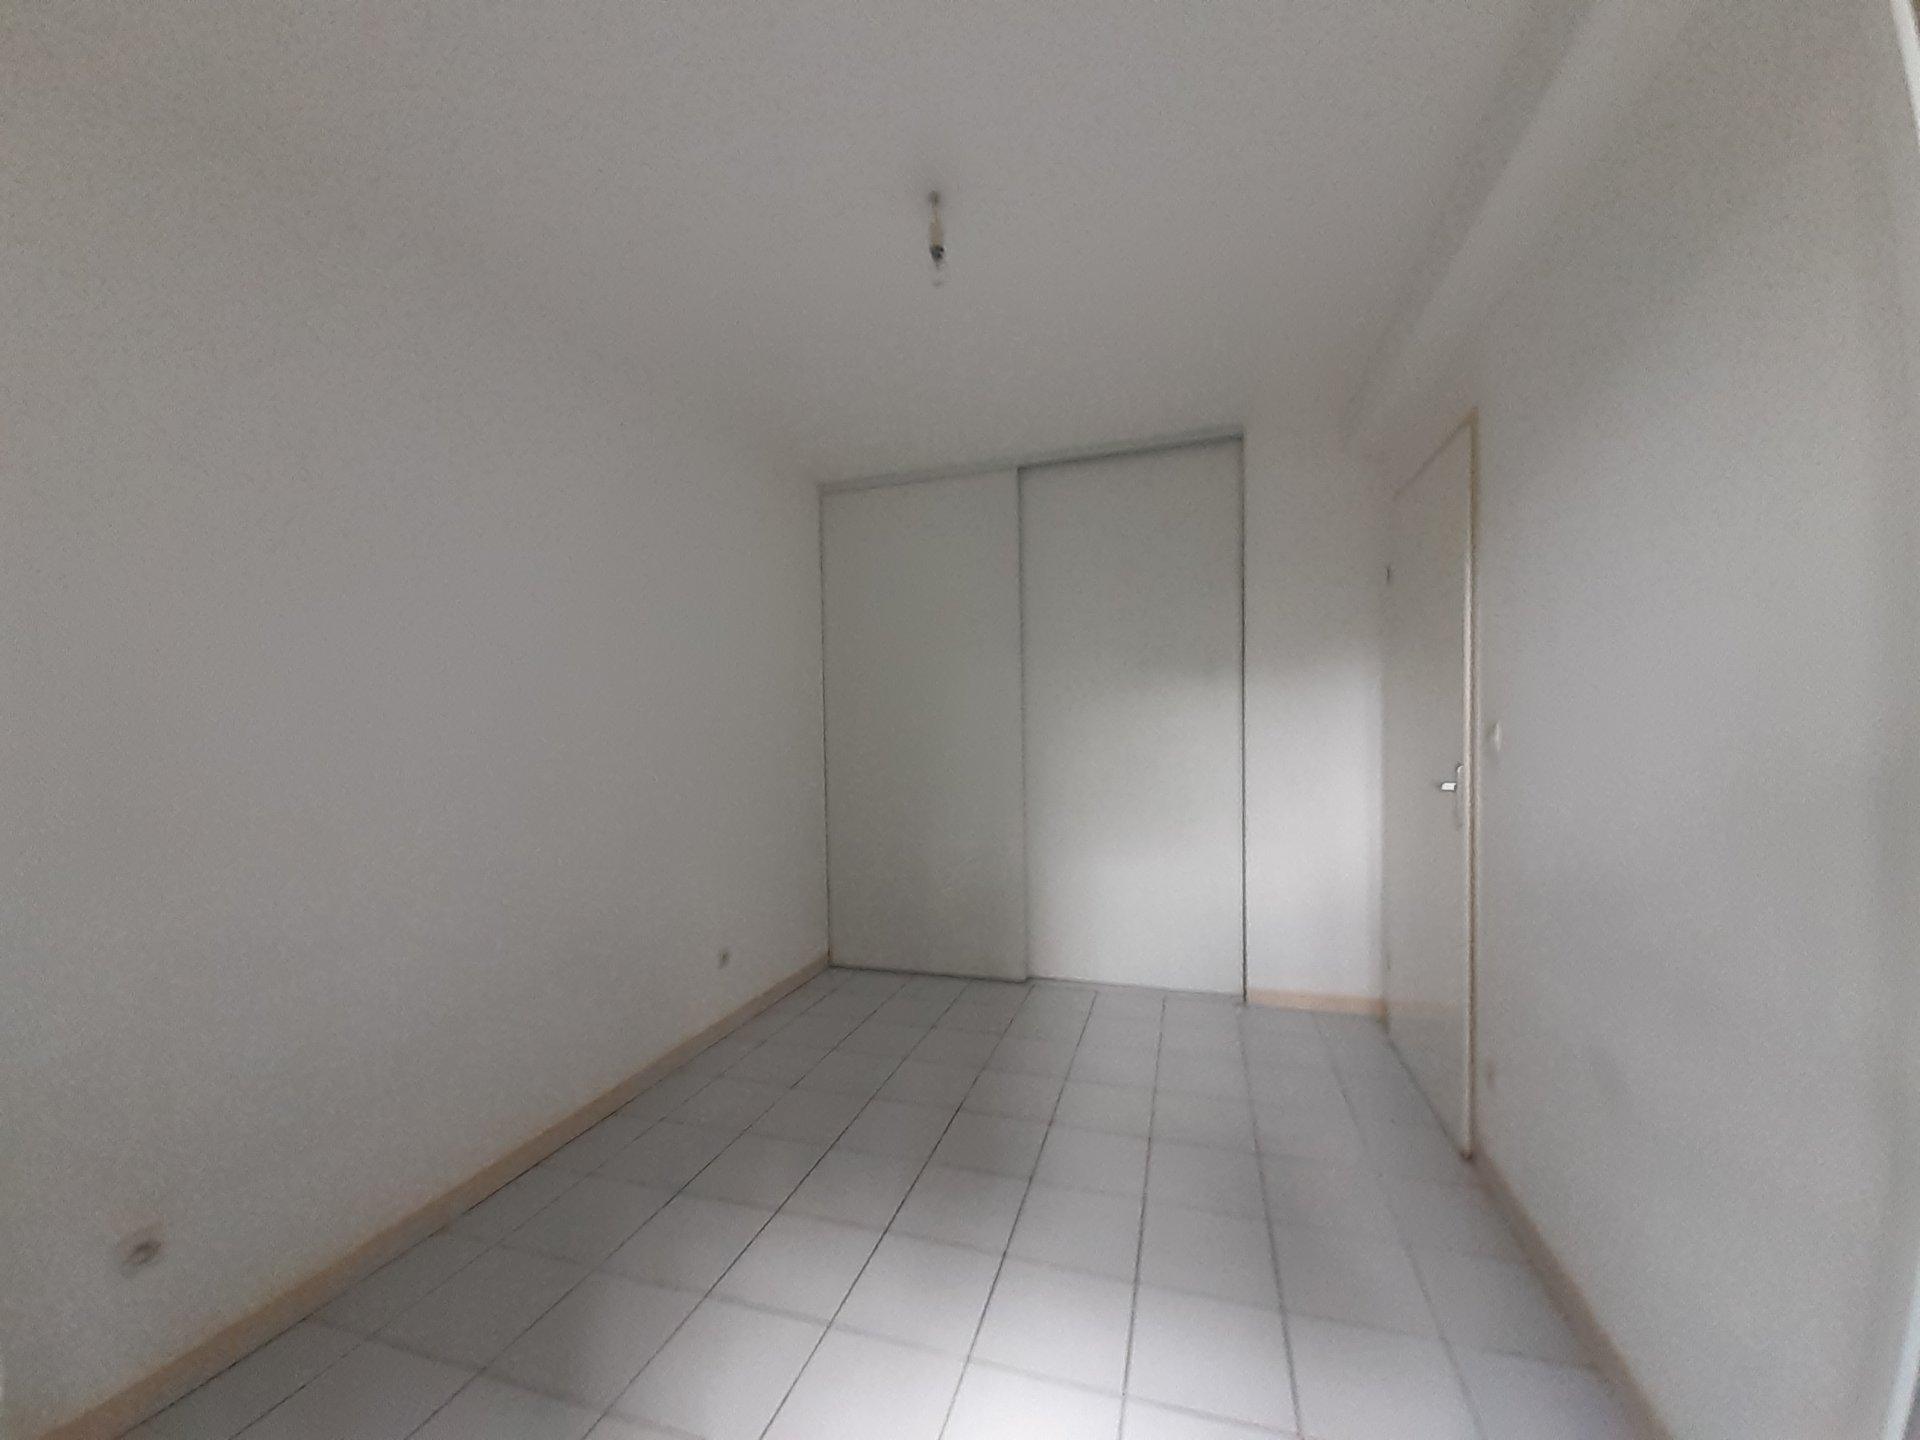 Appartement T3 - 57,74 m2 - 31240 SAINT-JEAN